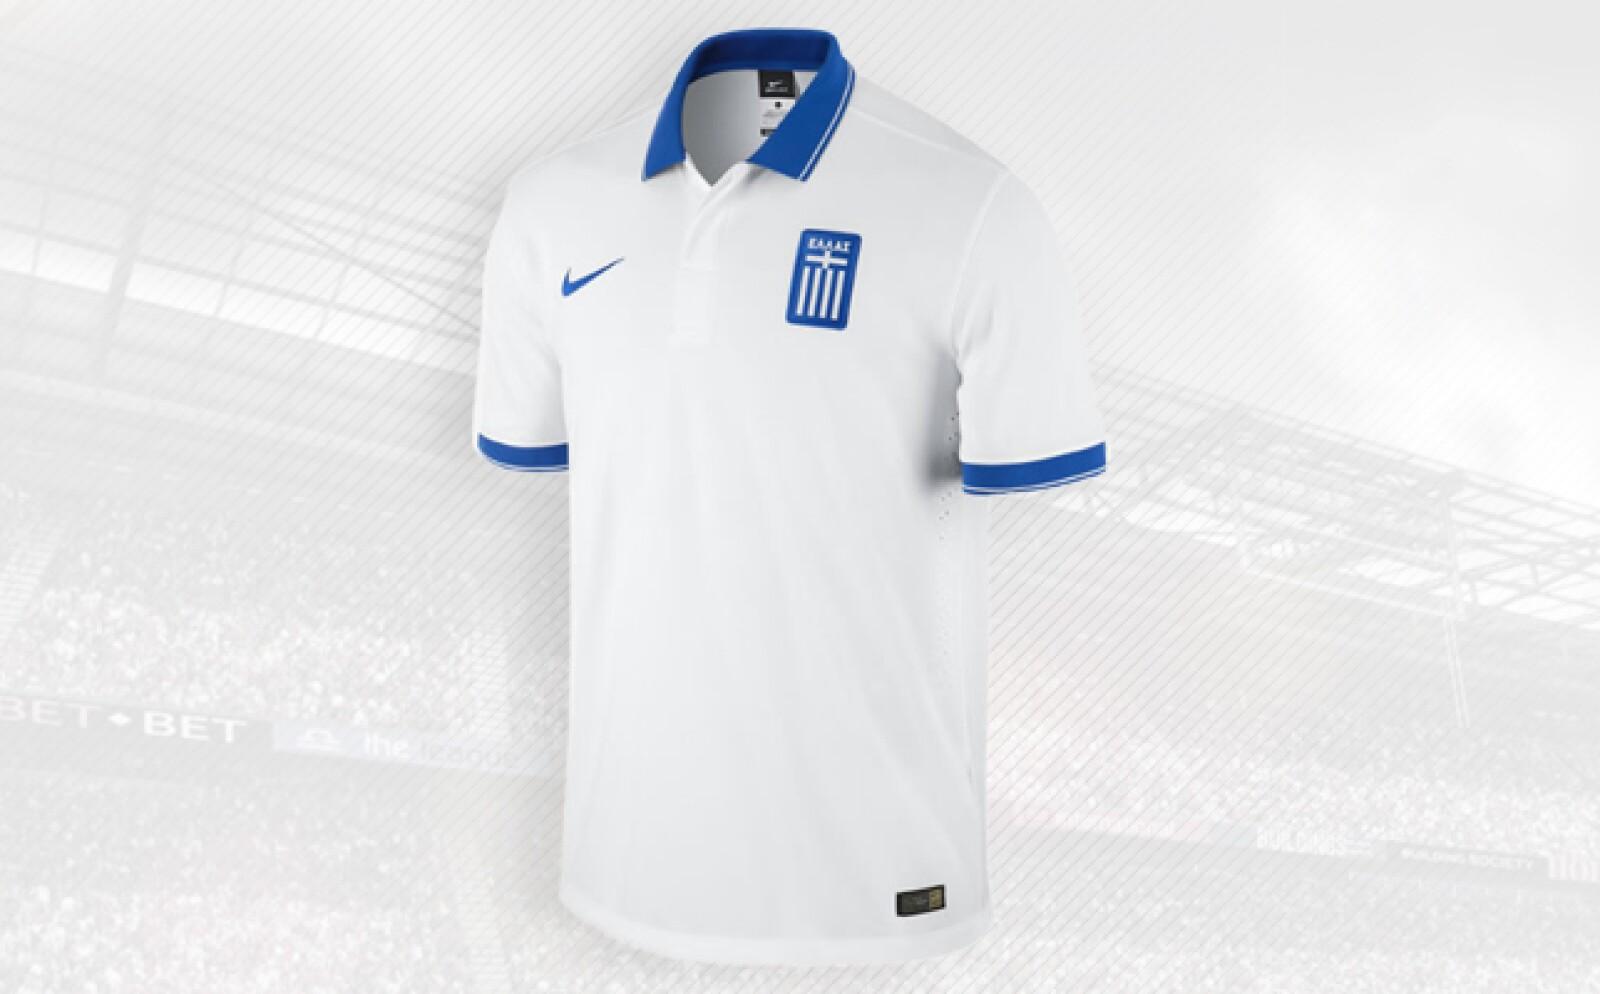 La playera hecha por Nike celebra el espíritu de unidad y la cohesión del equipo griego.